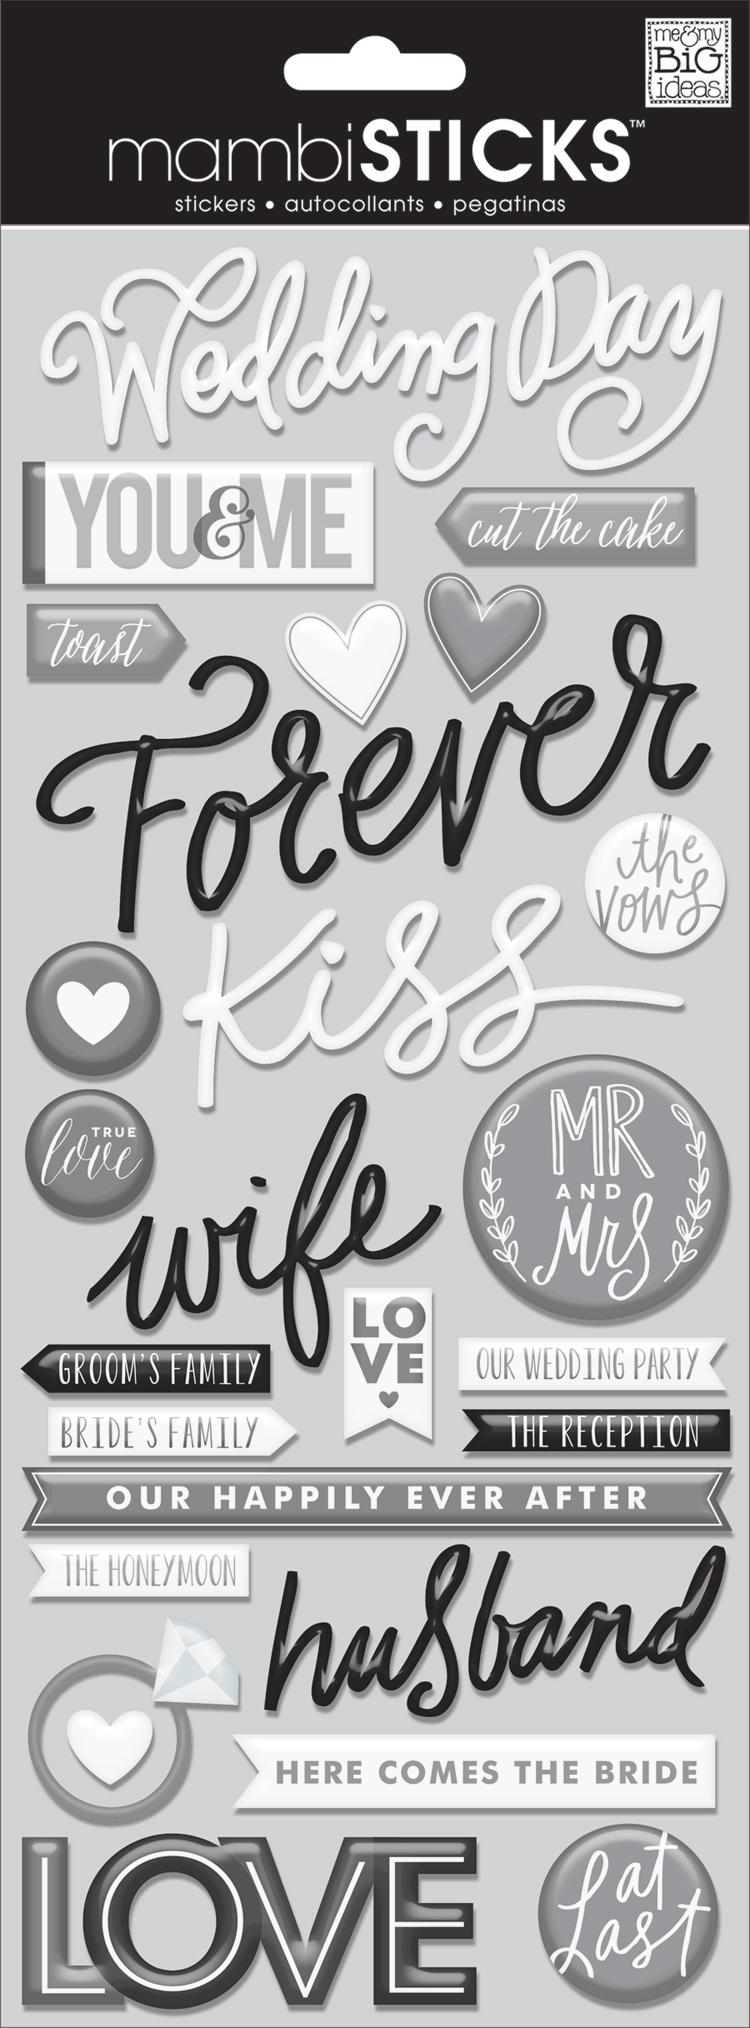 Wedding Day mambiSTICKS epoxy stickers   me & my BIG ideas.jpg